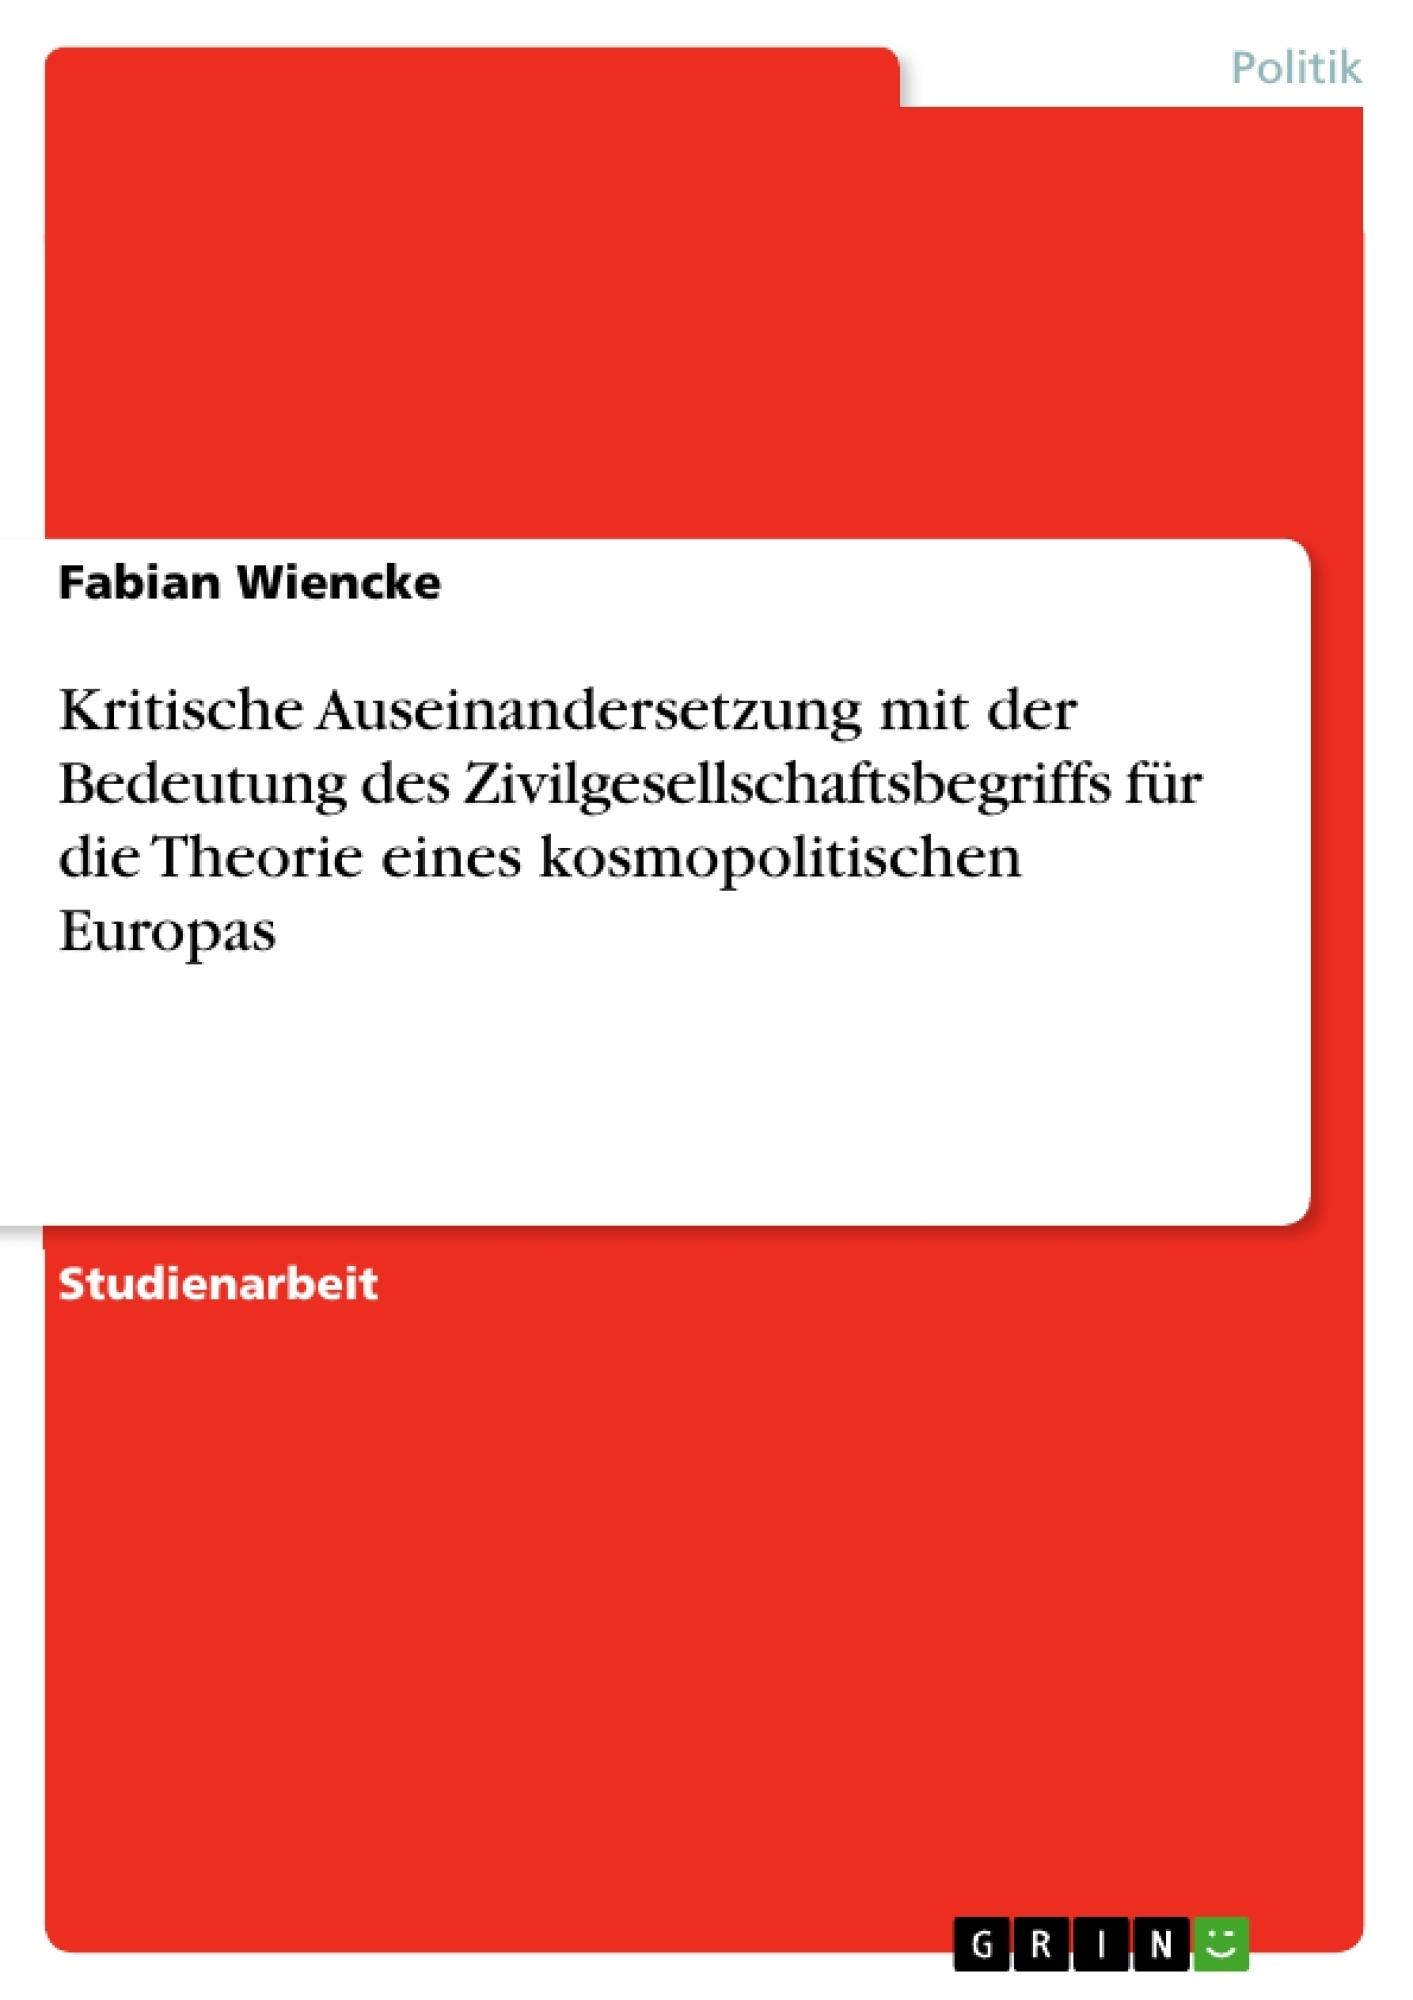 Titel: Kritische Auseinandersetzung mit der Bedeutung des Zivilgesellschaftsbegriffs für die Theorie eines kosmopolitischen Europas